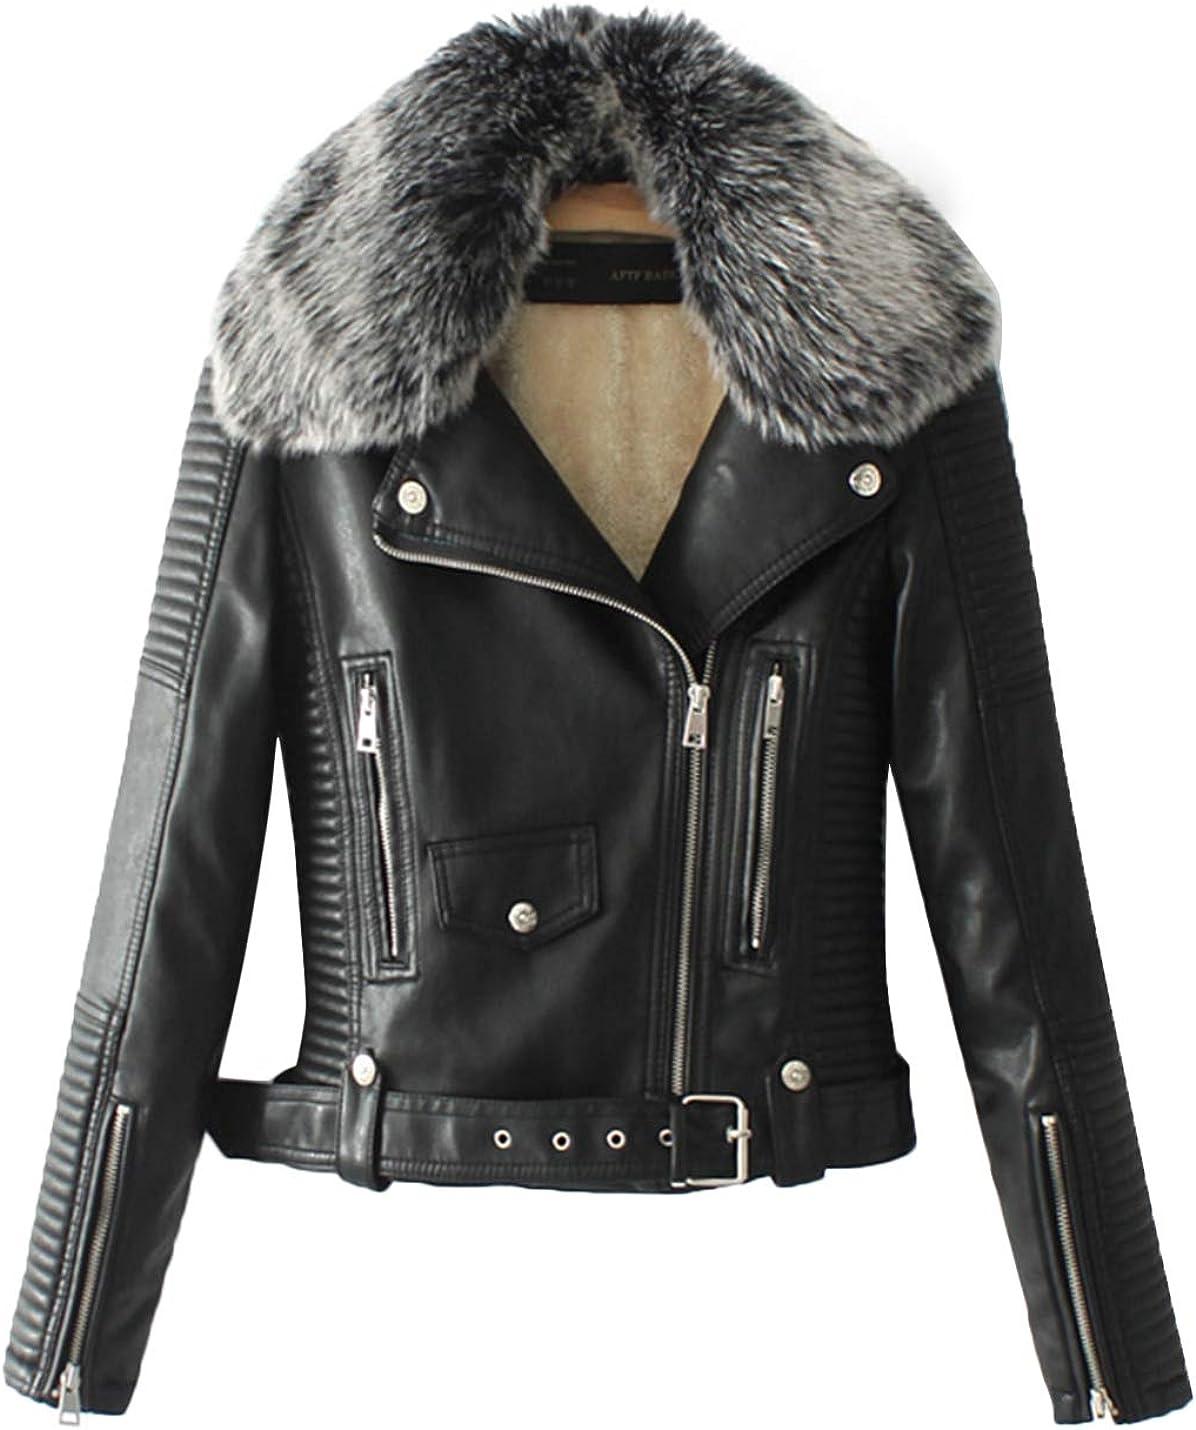 HaoMay Women's Slim fit Fleece Lined Faux Leather PU Biker Short Jackets